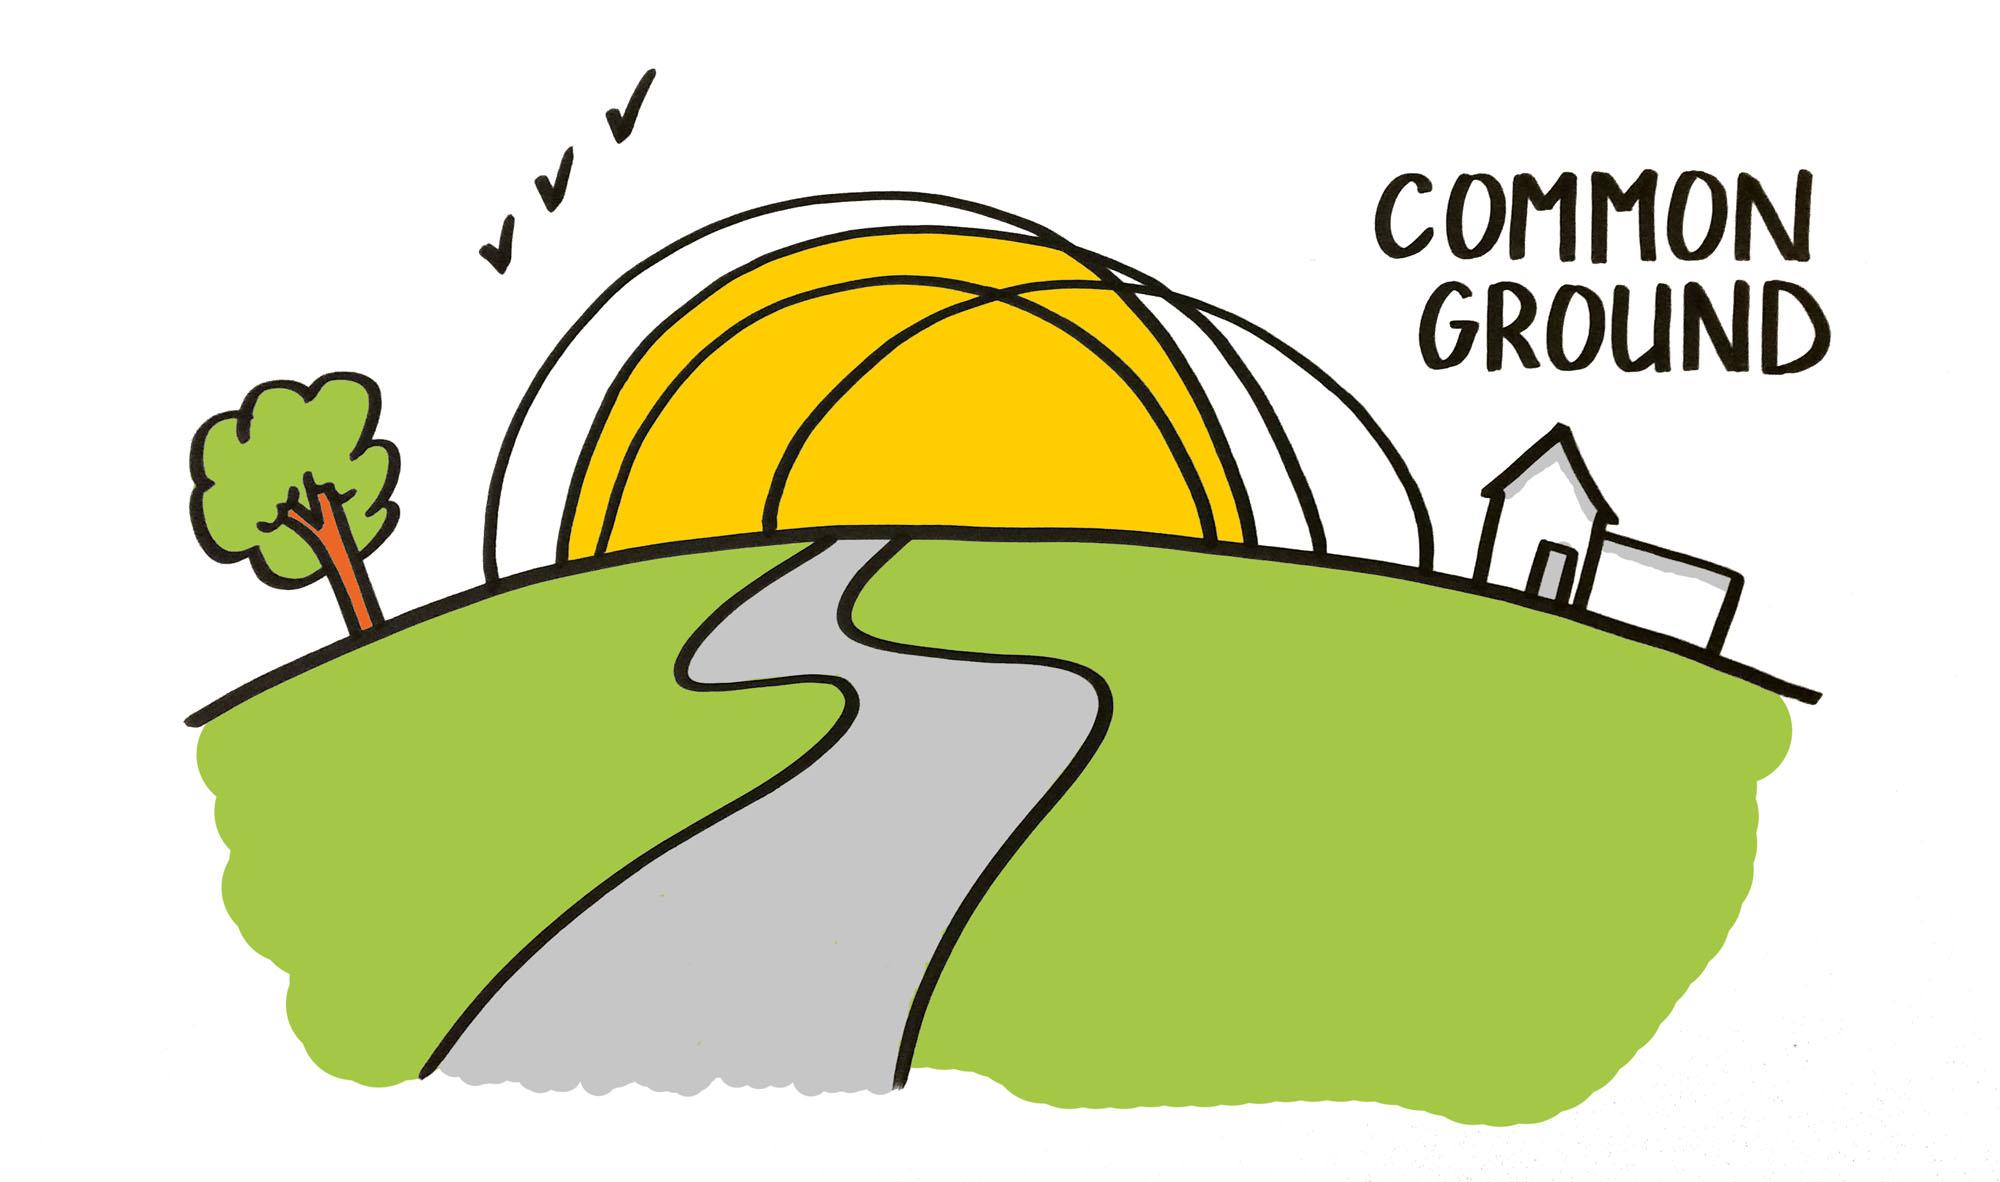 de common ground verbeelden - illustratie uit het boek